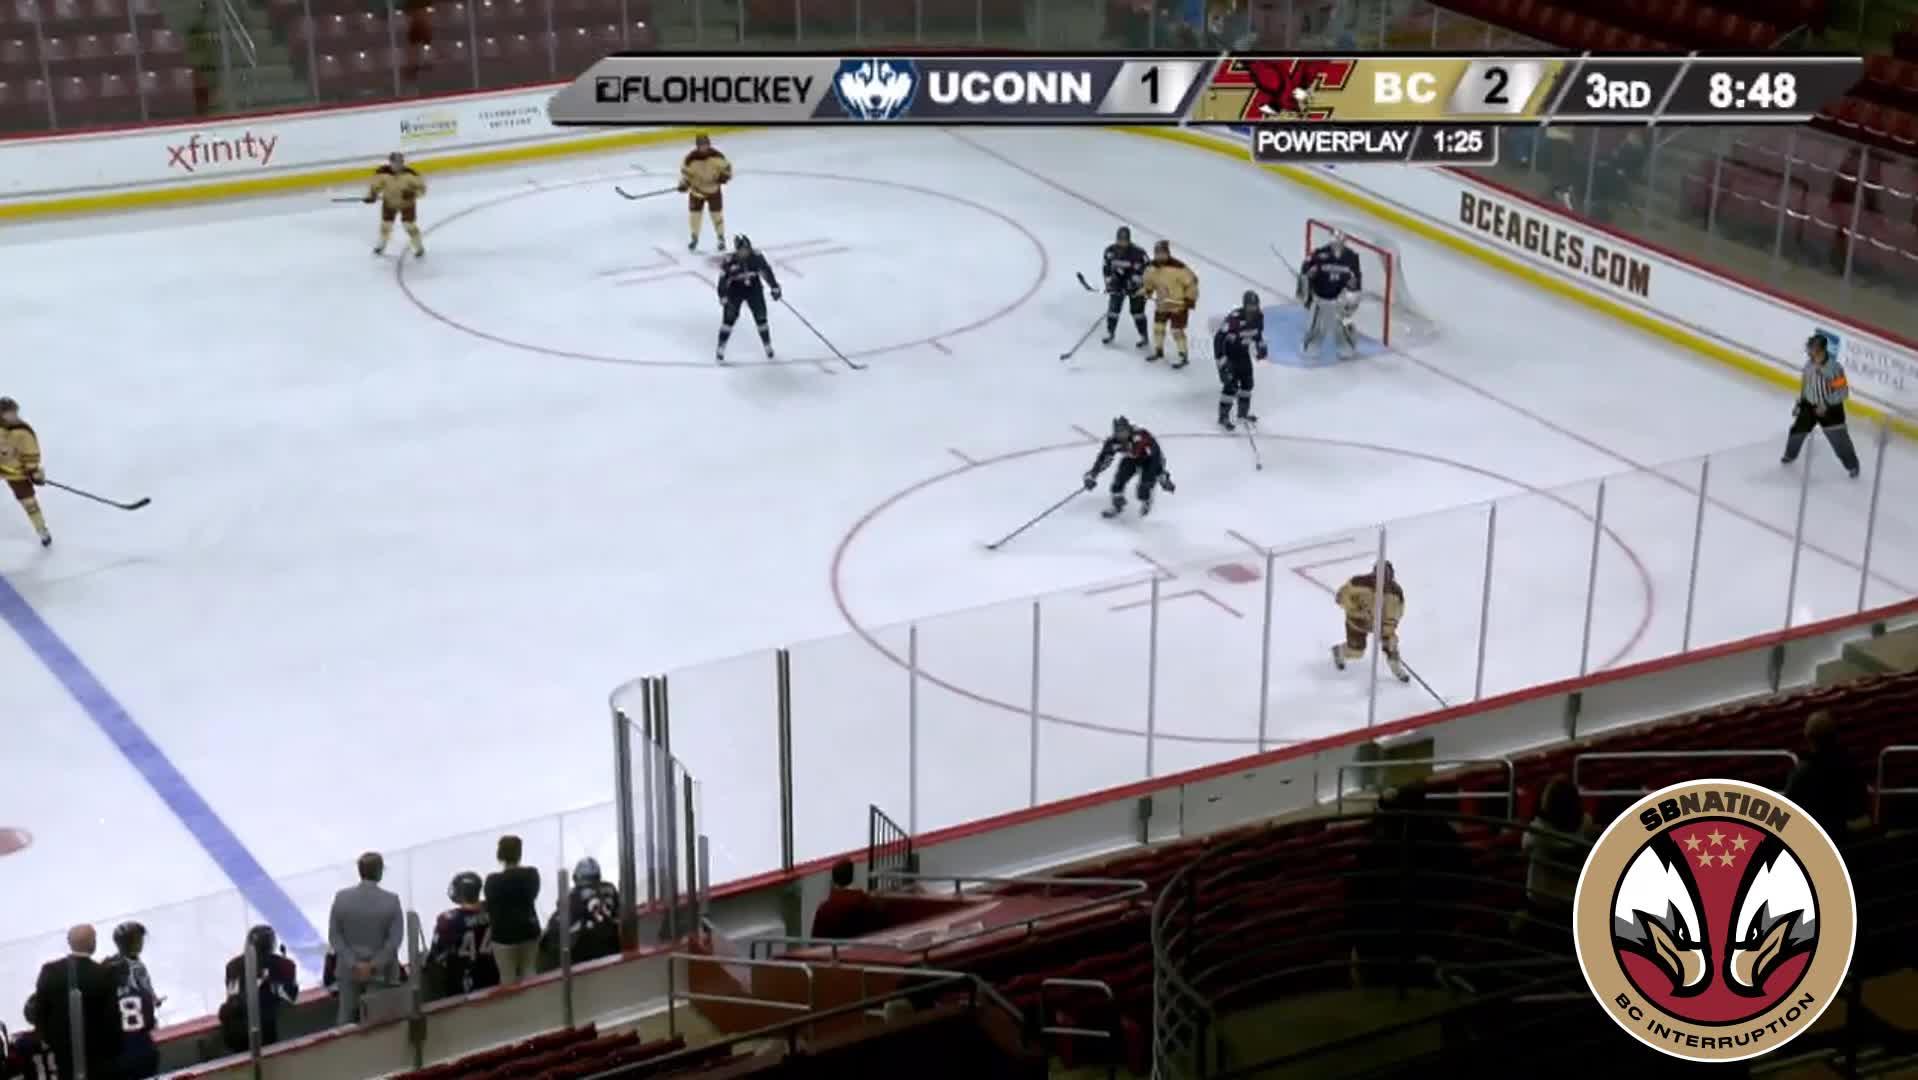 hockey, 4 Keller (W) UConn 3/1/19 GIFs